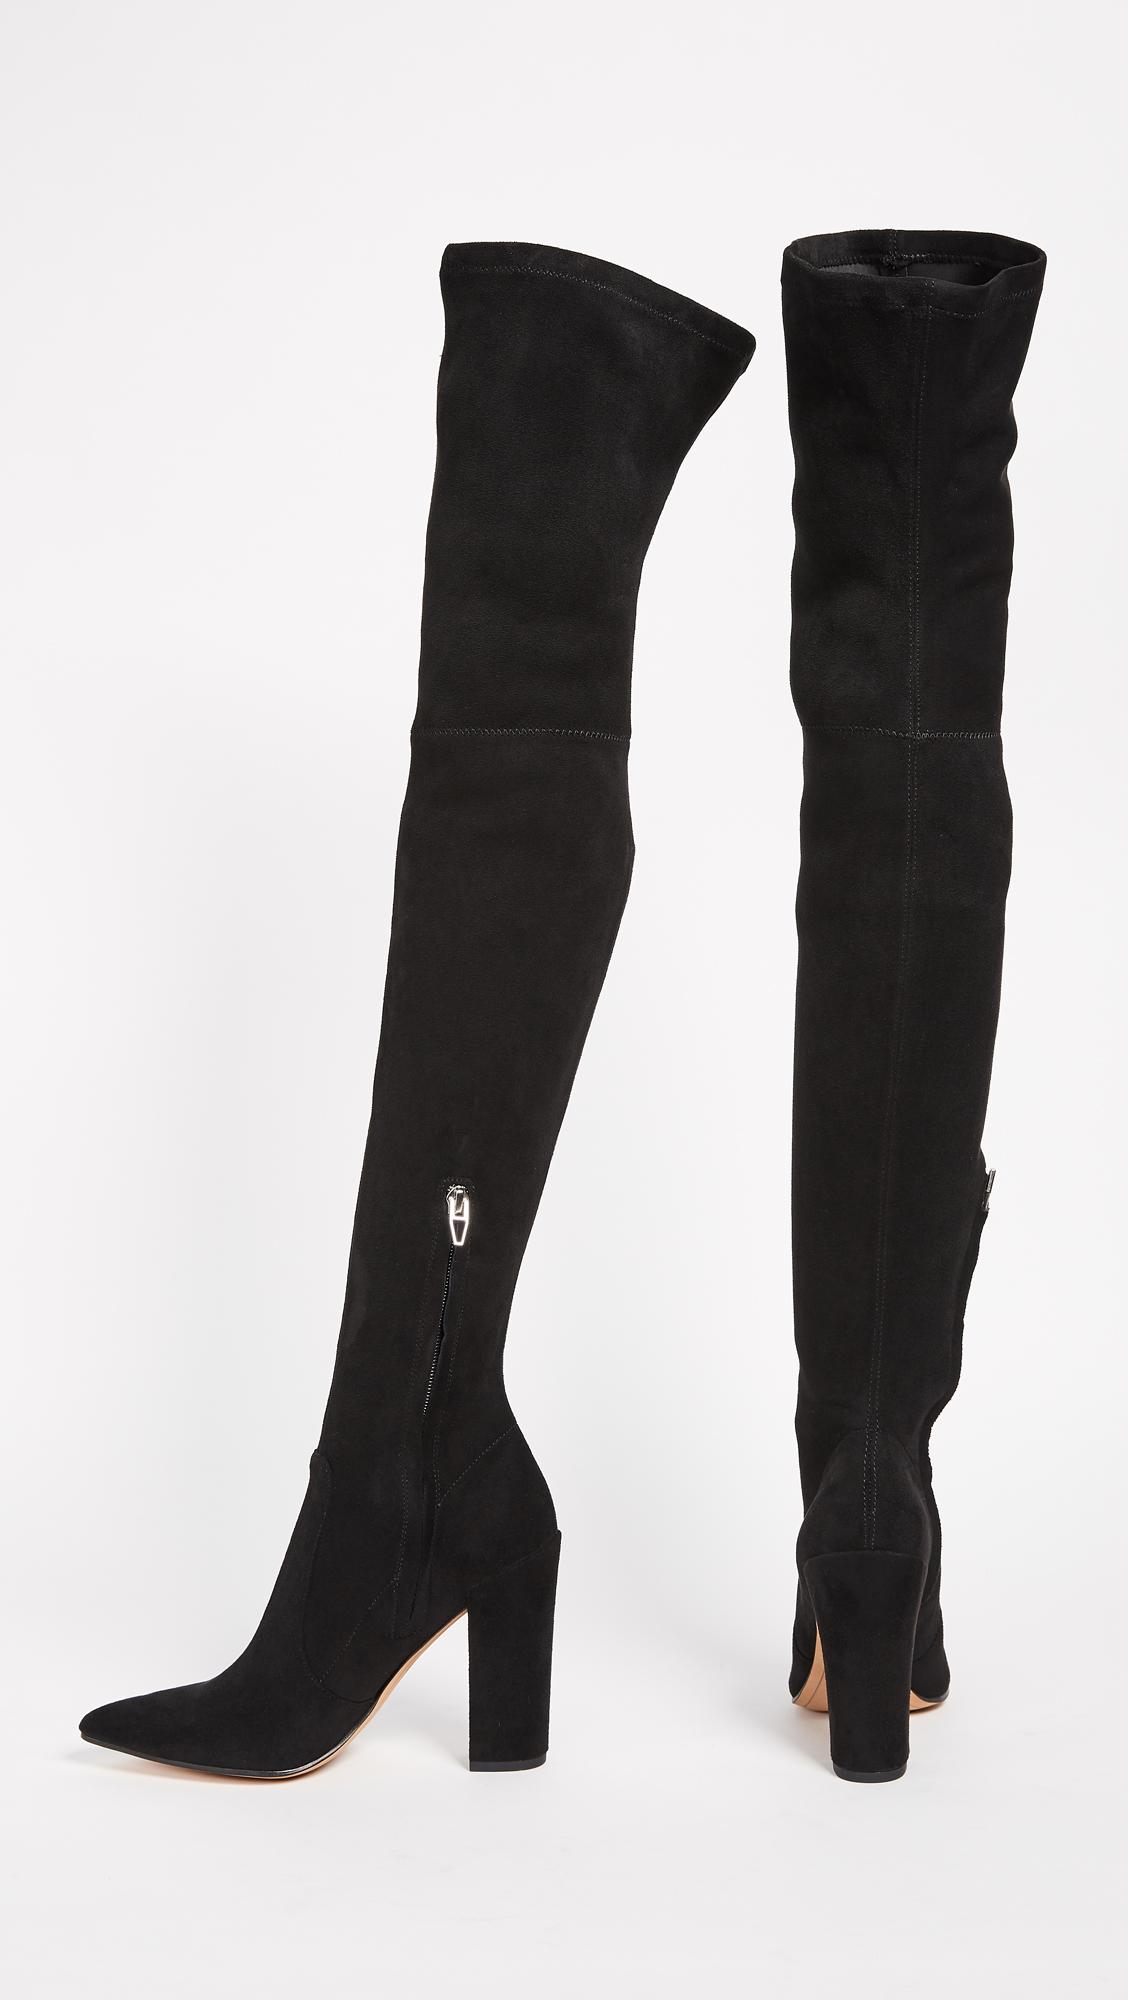 e766dbfb6d8 Dolce Vita Ellis Thigh High Stretch Boots